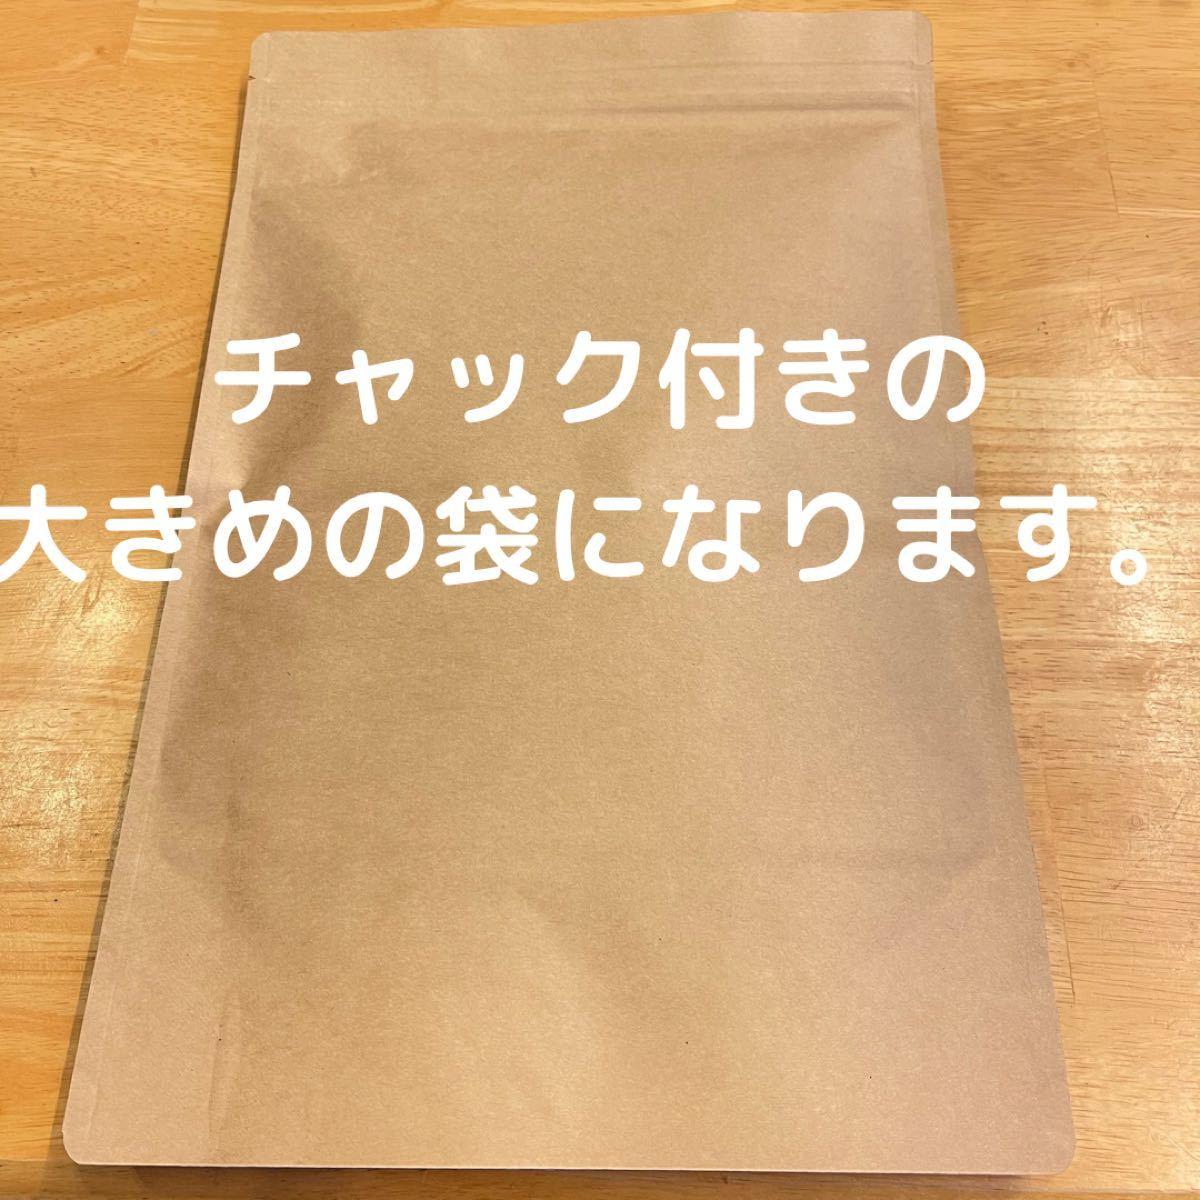 自家焙煎 ブラジル アロマショコラRA UTZ 400g(豆又は粉)匿名配送参